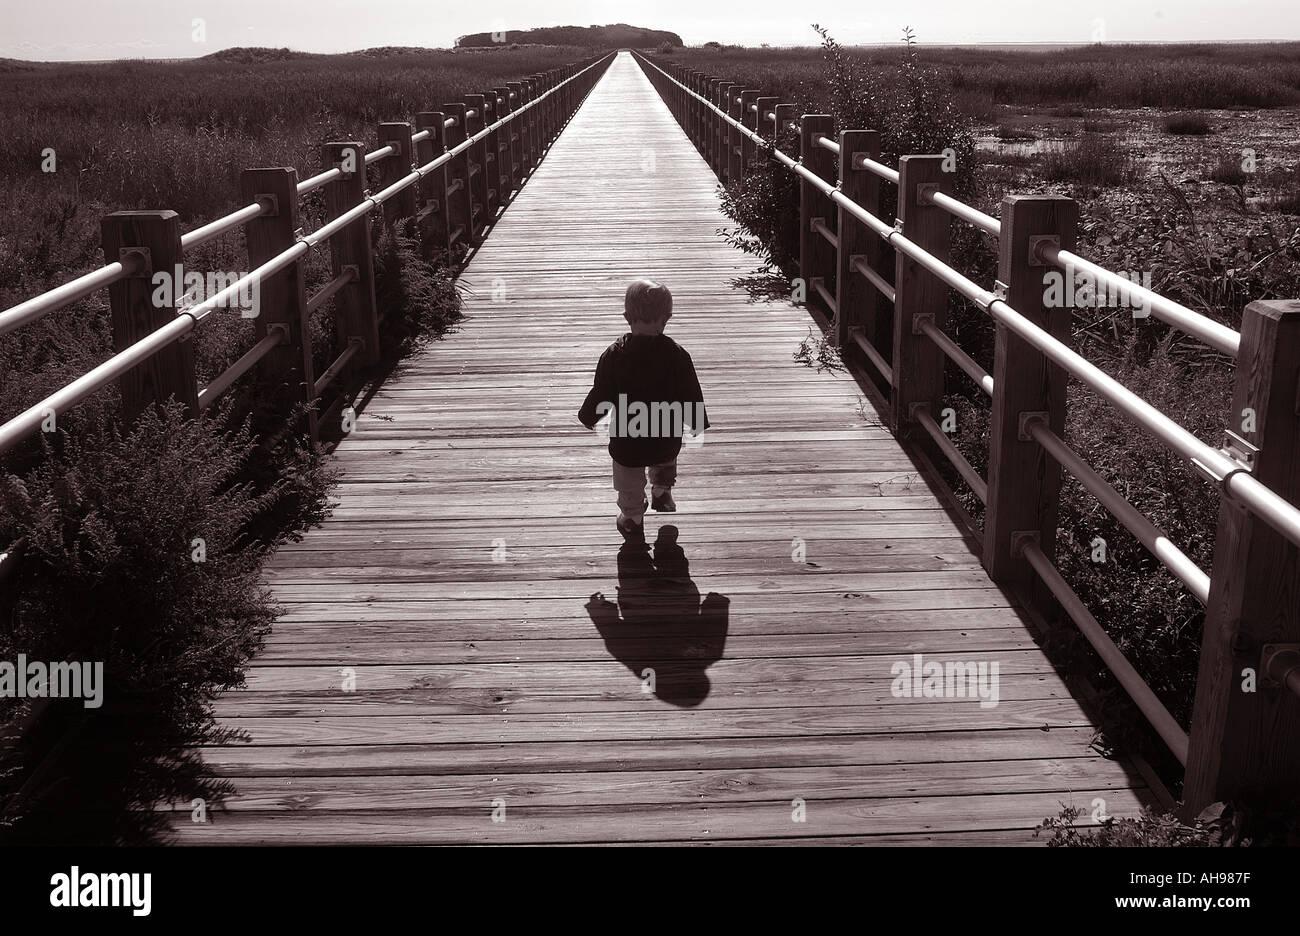 Piccolo Ragazzo camminando sul sentiero in futuro la vita Immagini Stock